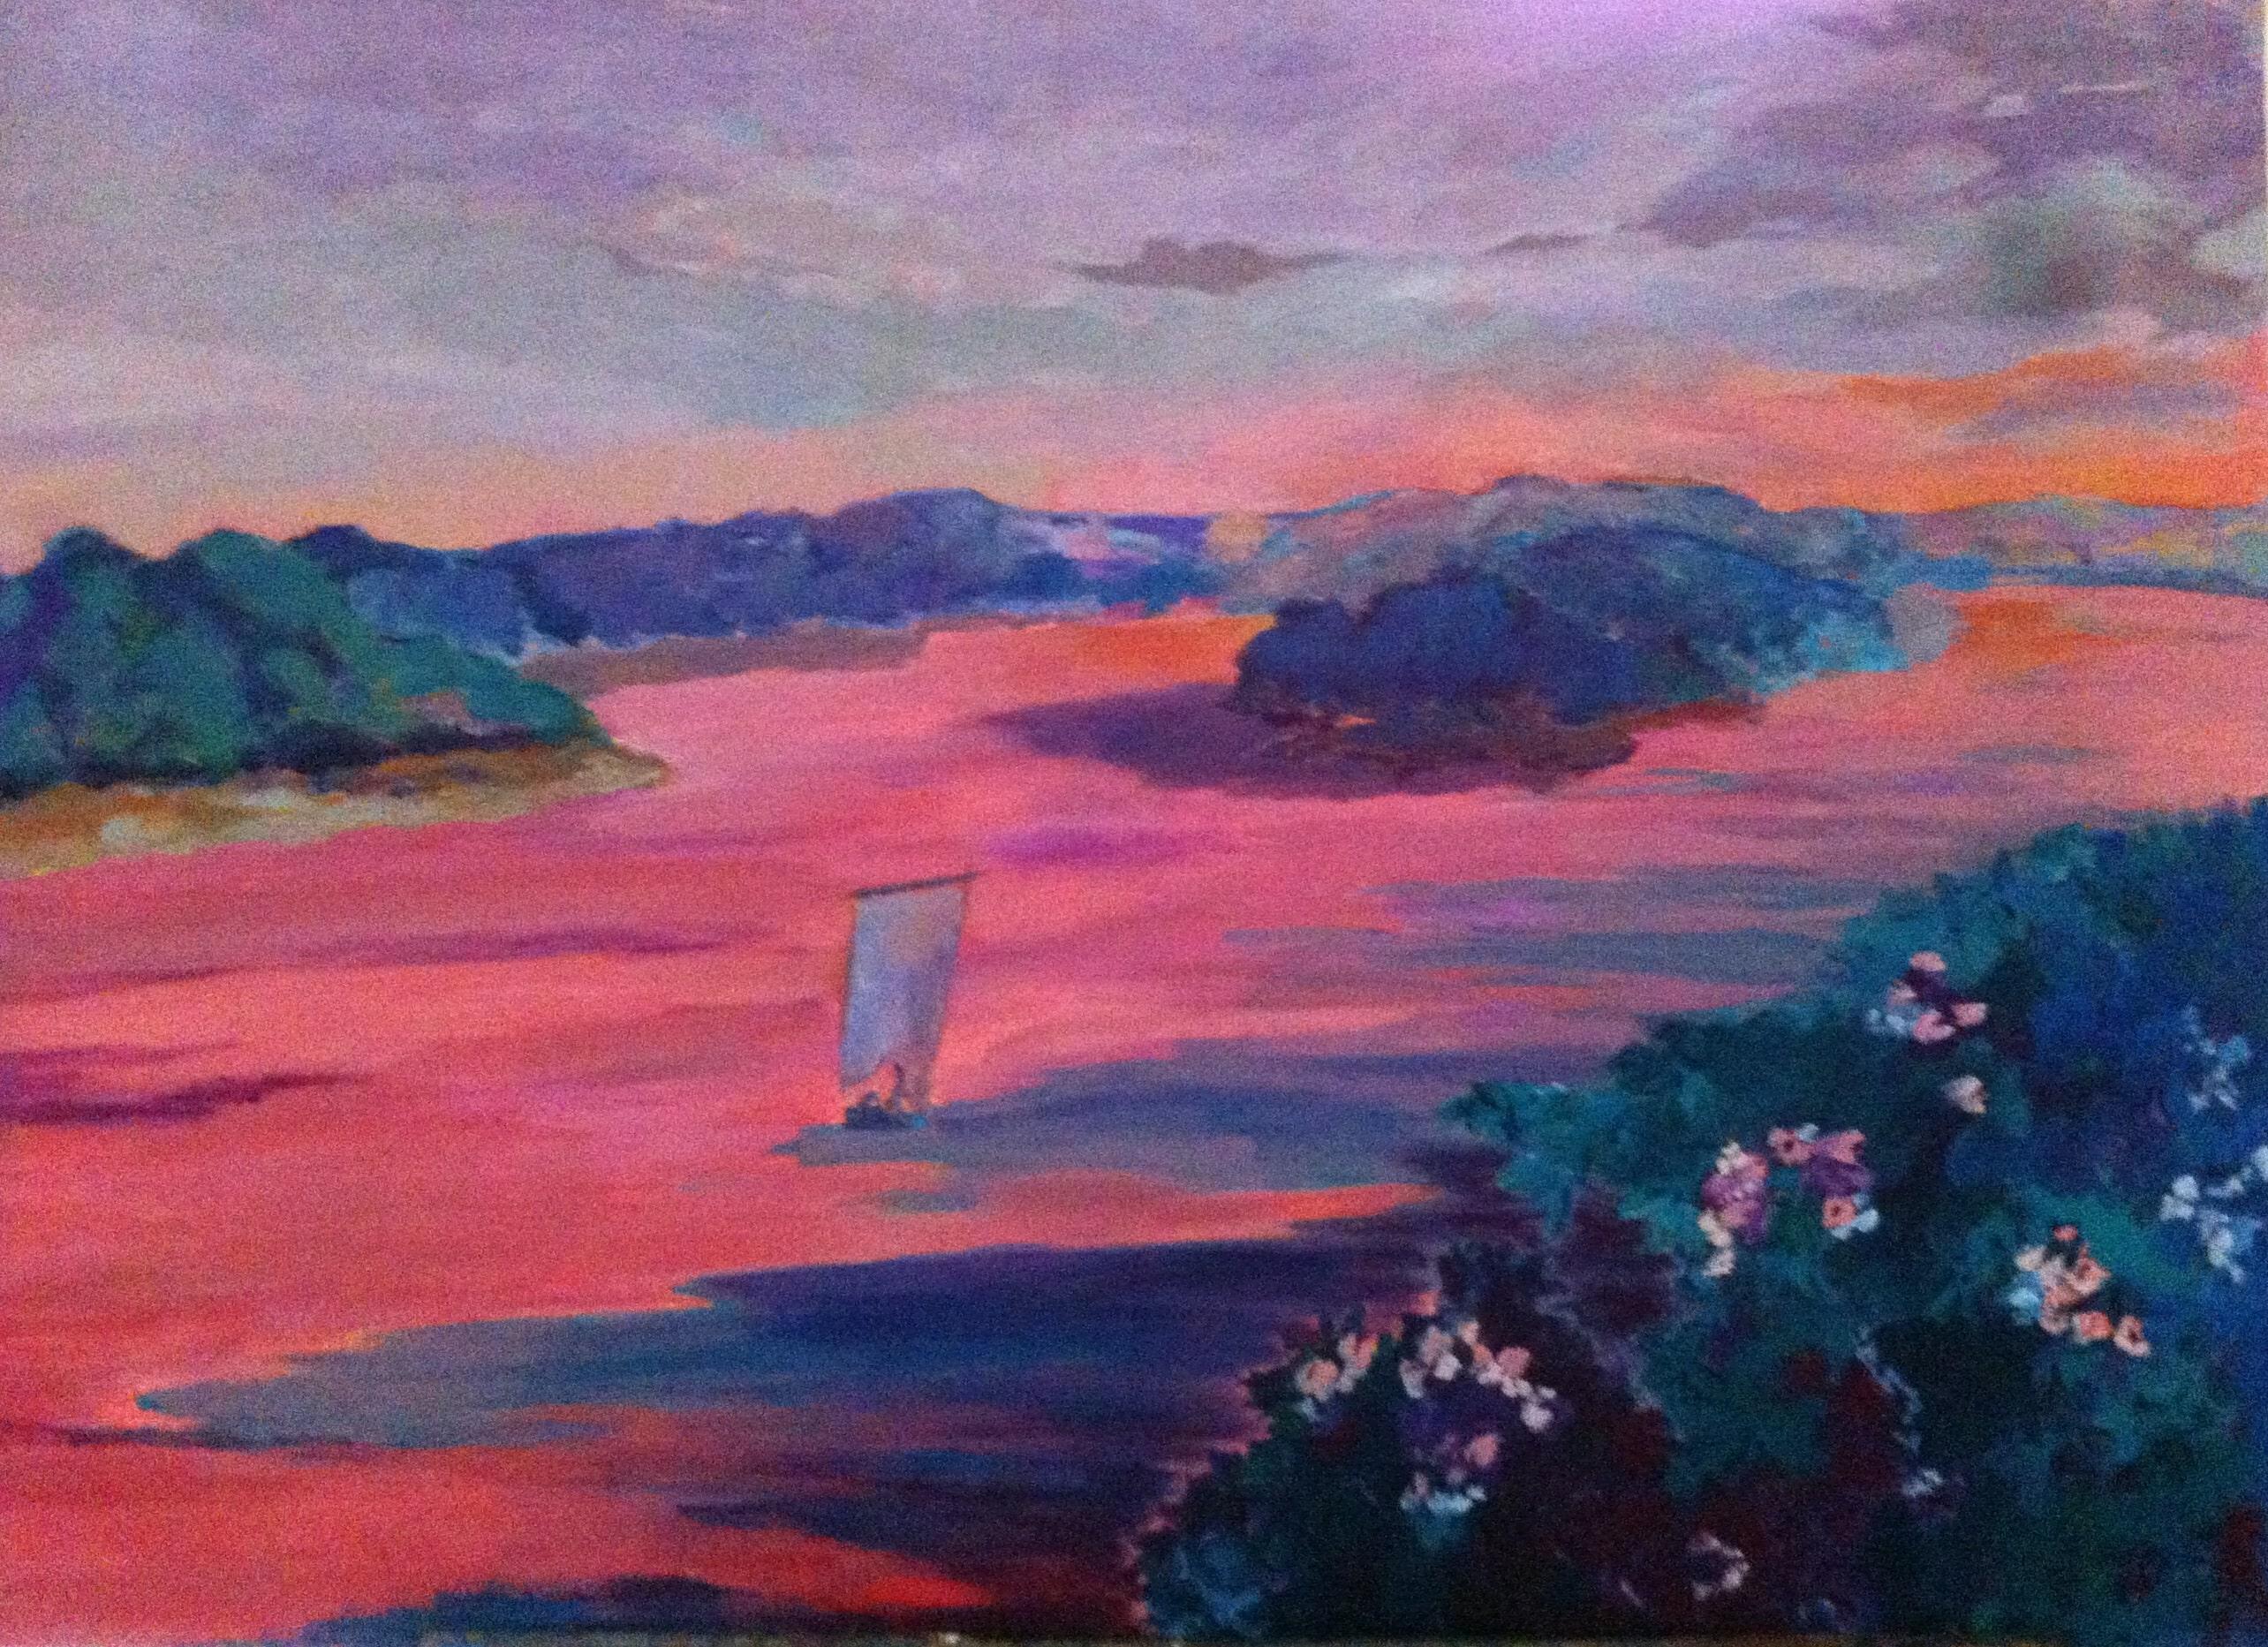 Hôtes et artistes en poitou - Aurore sur la Loire à Bréhémont - Huile sur toile